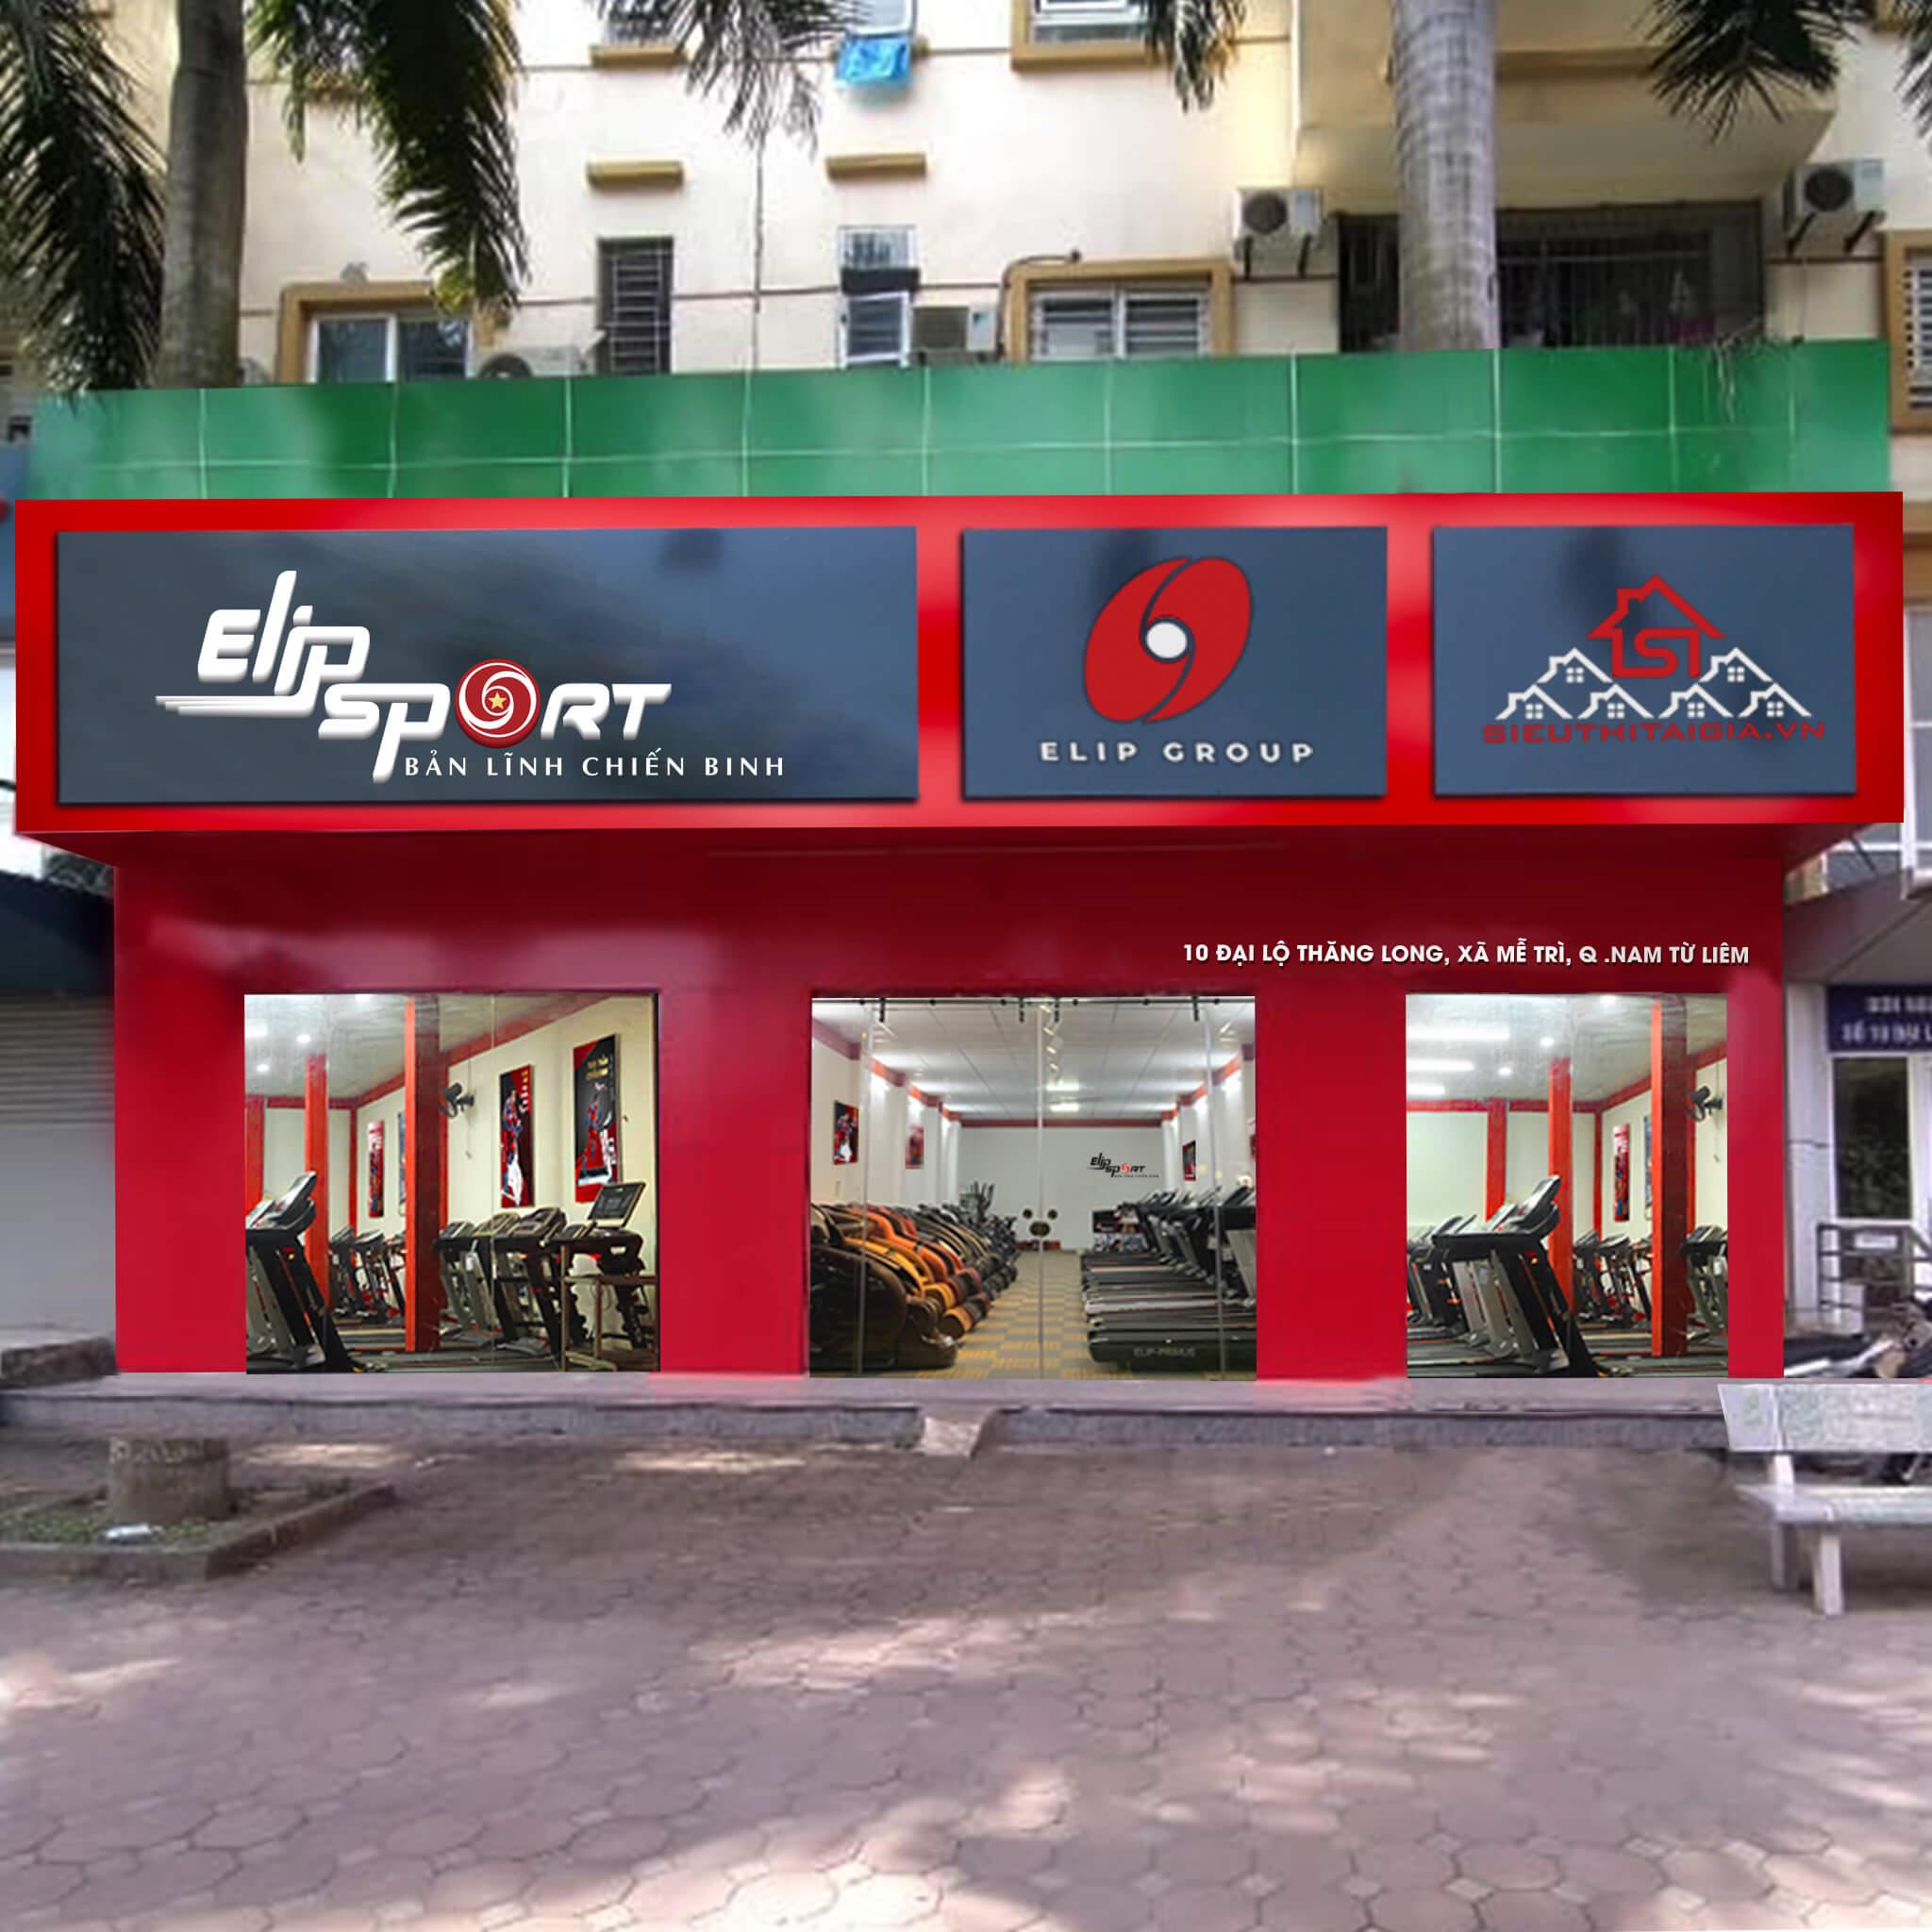 Hình ảnh của chi nhánh  Elipsport Từ Liêm - Hà Nội